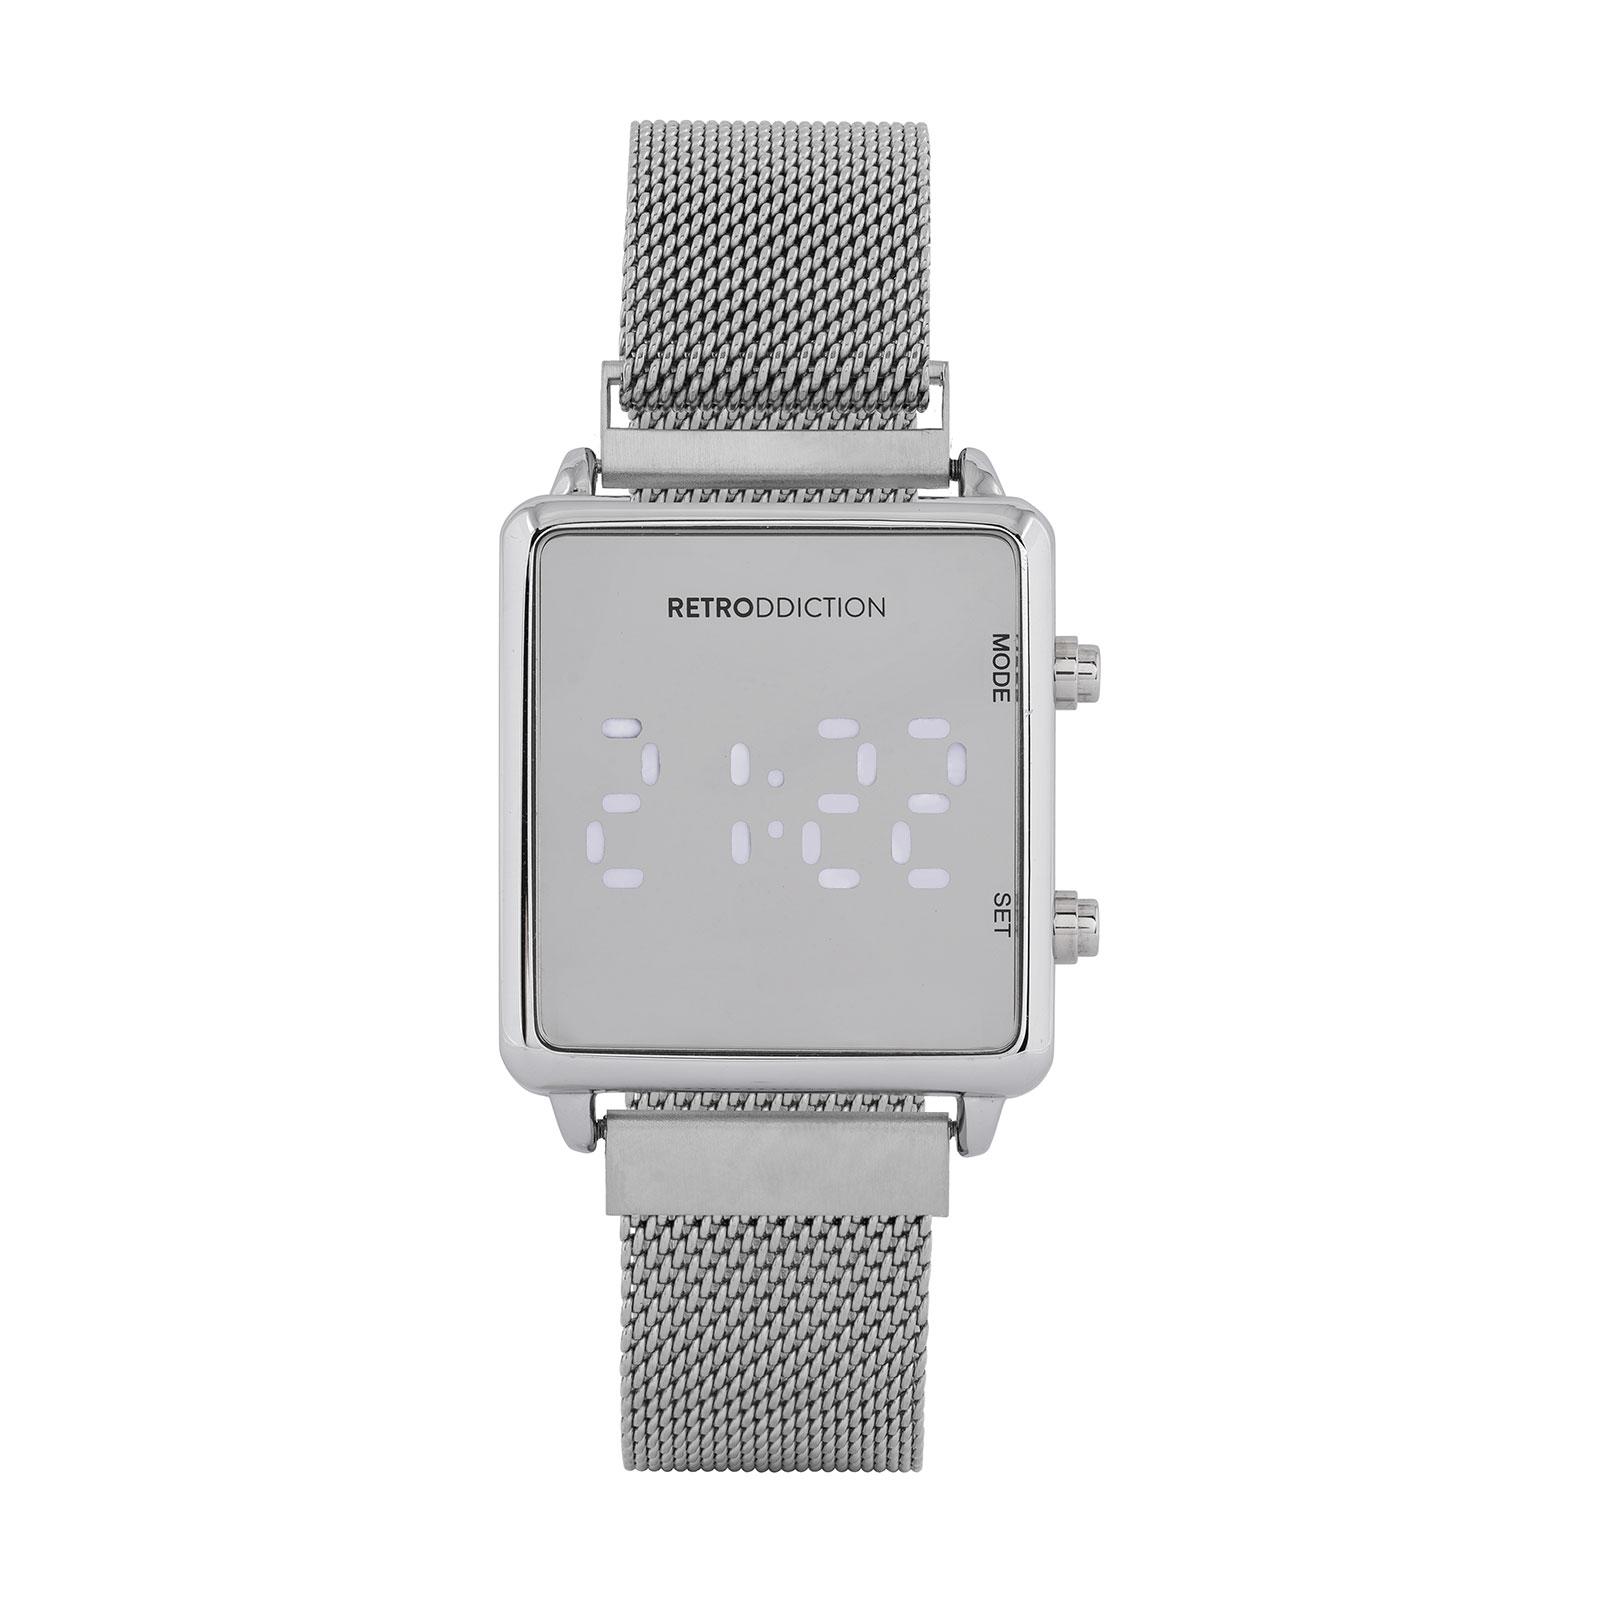 Digitalklocka Retroddiction - fyrkantig Silver med meshband